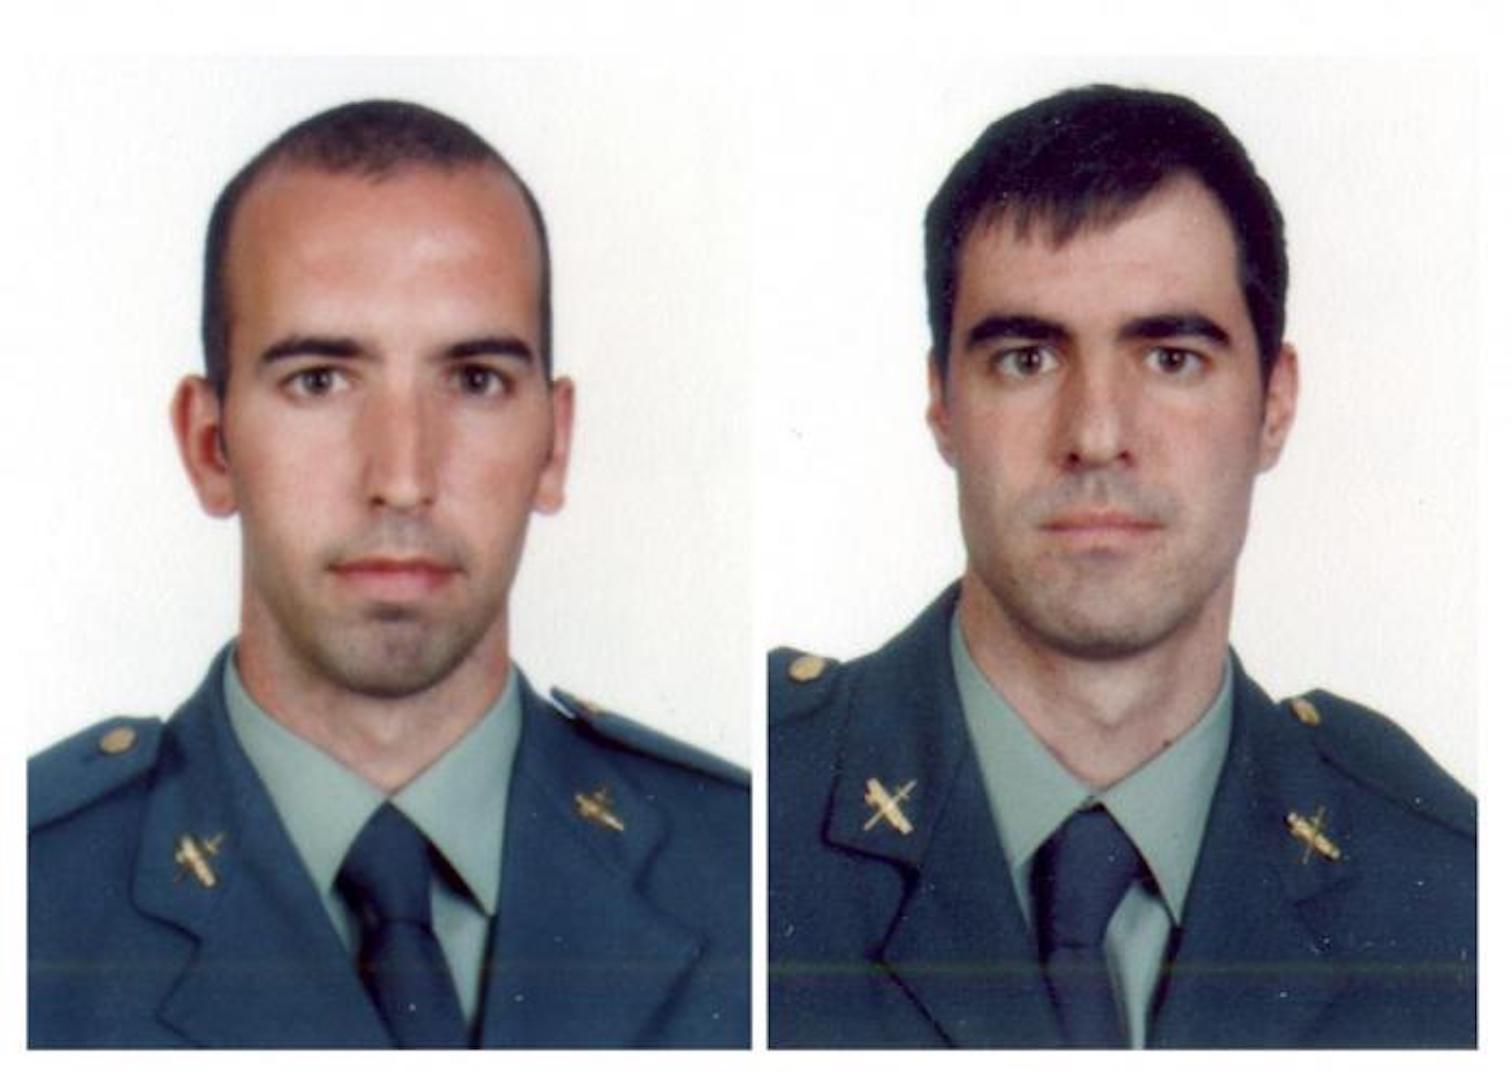 Bomb victims, Guardia Civil Officers, Diego Salva Lezaun & Carlos Saenz de Tejada García.